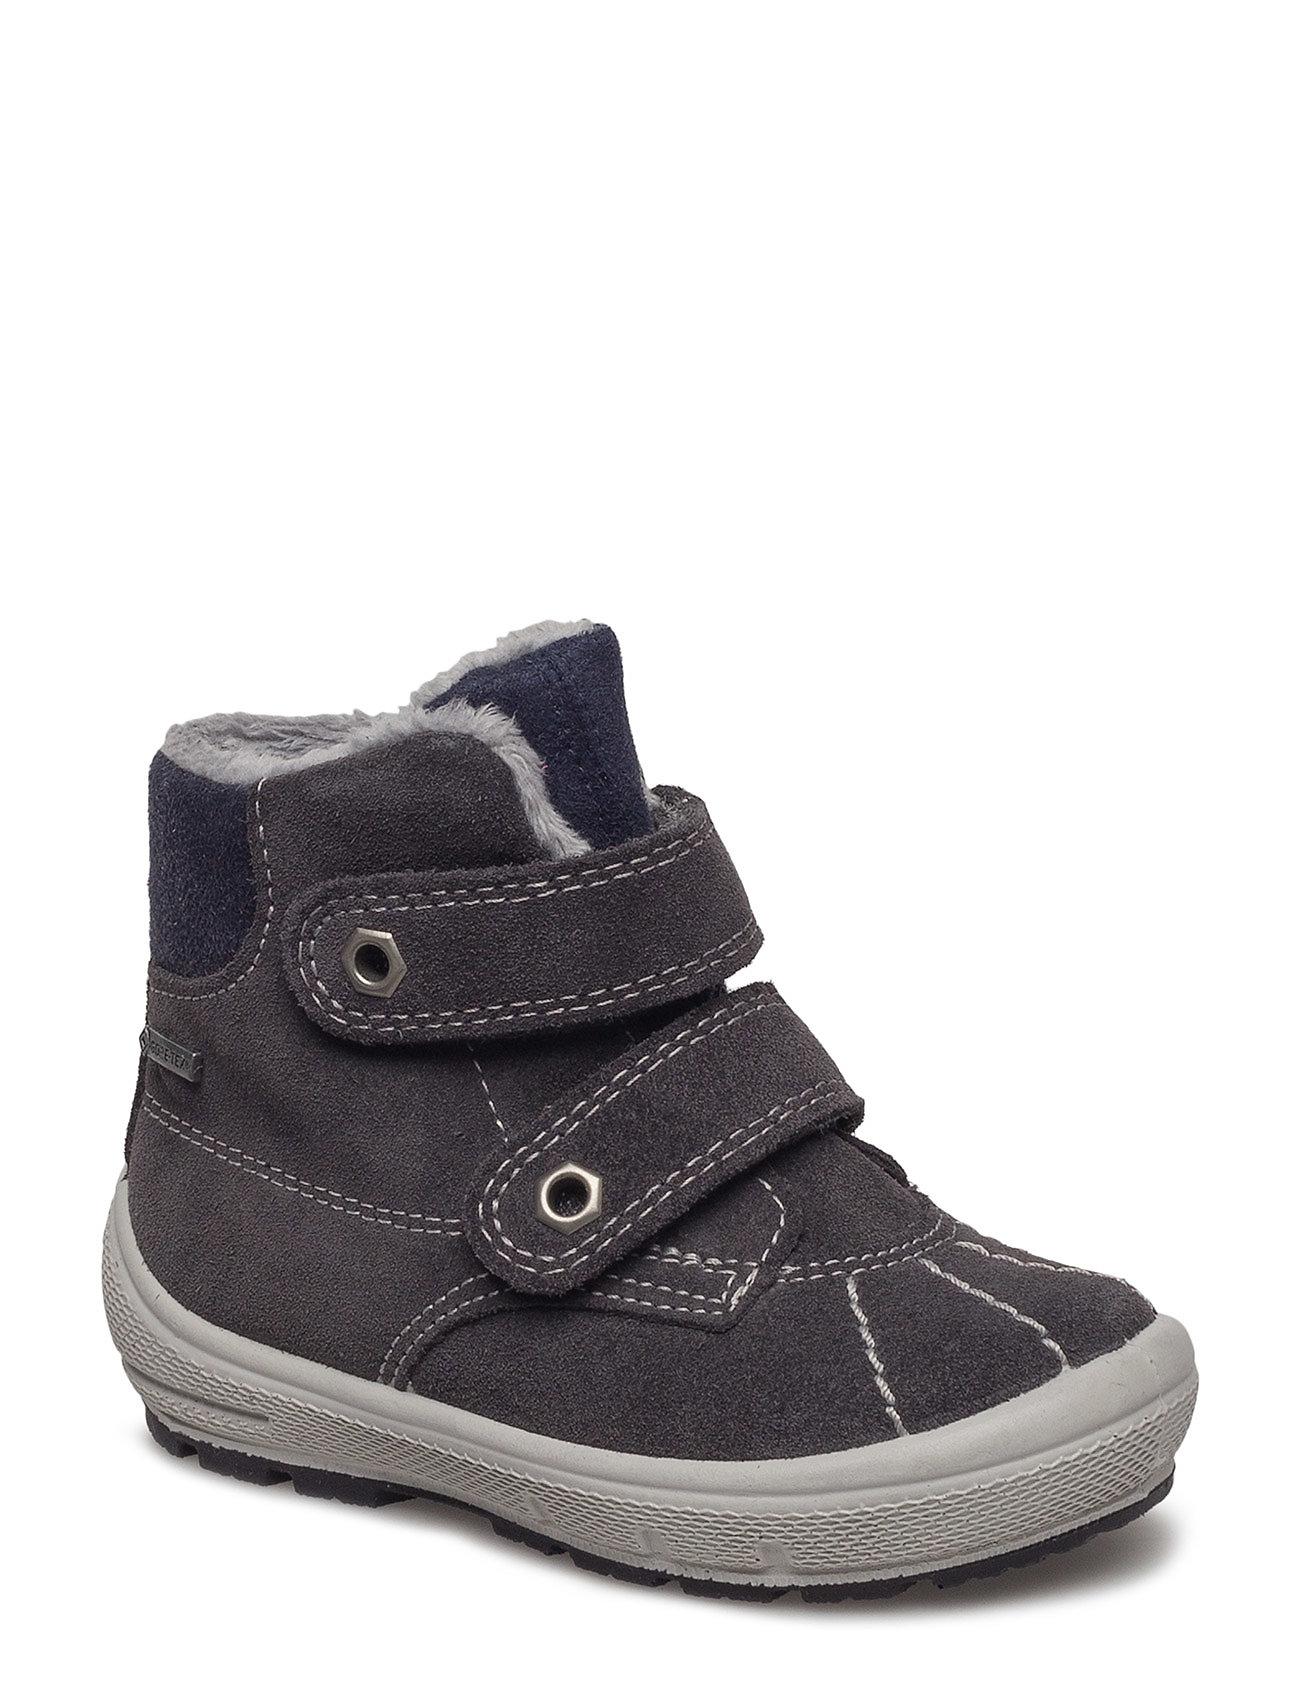 Groovy Superfit Støvler til Børn i